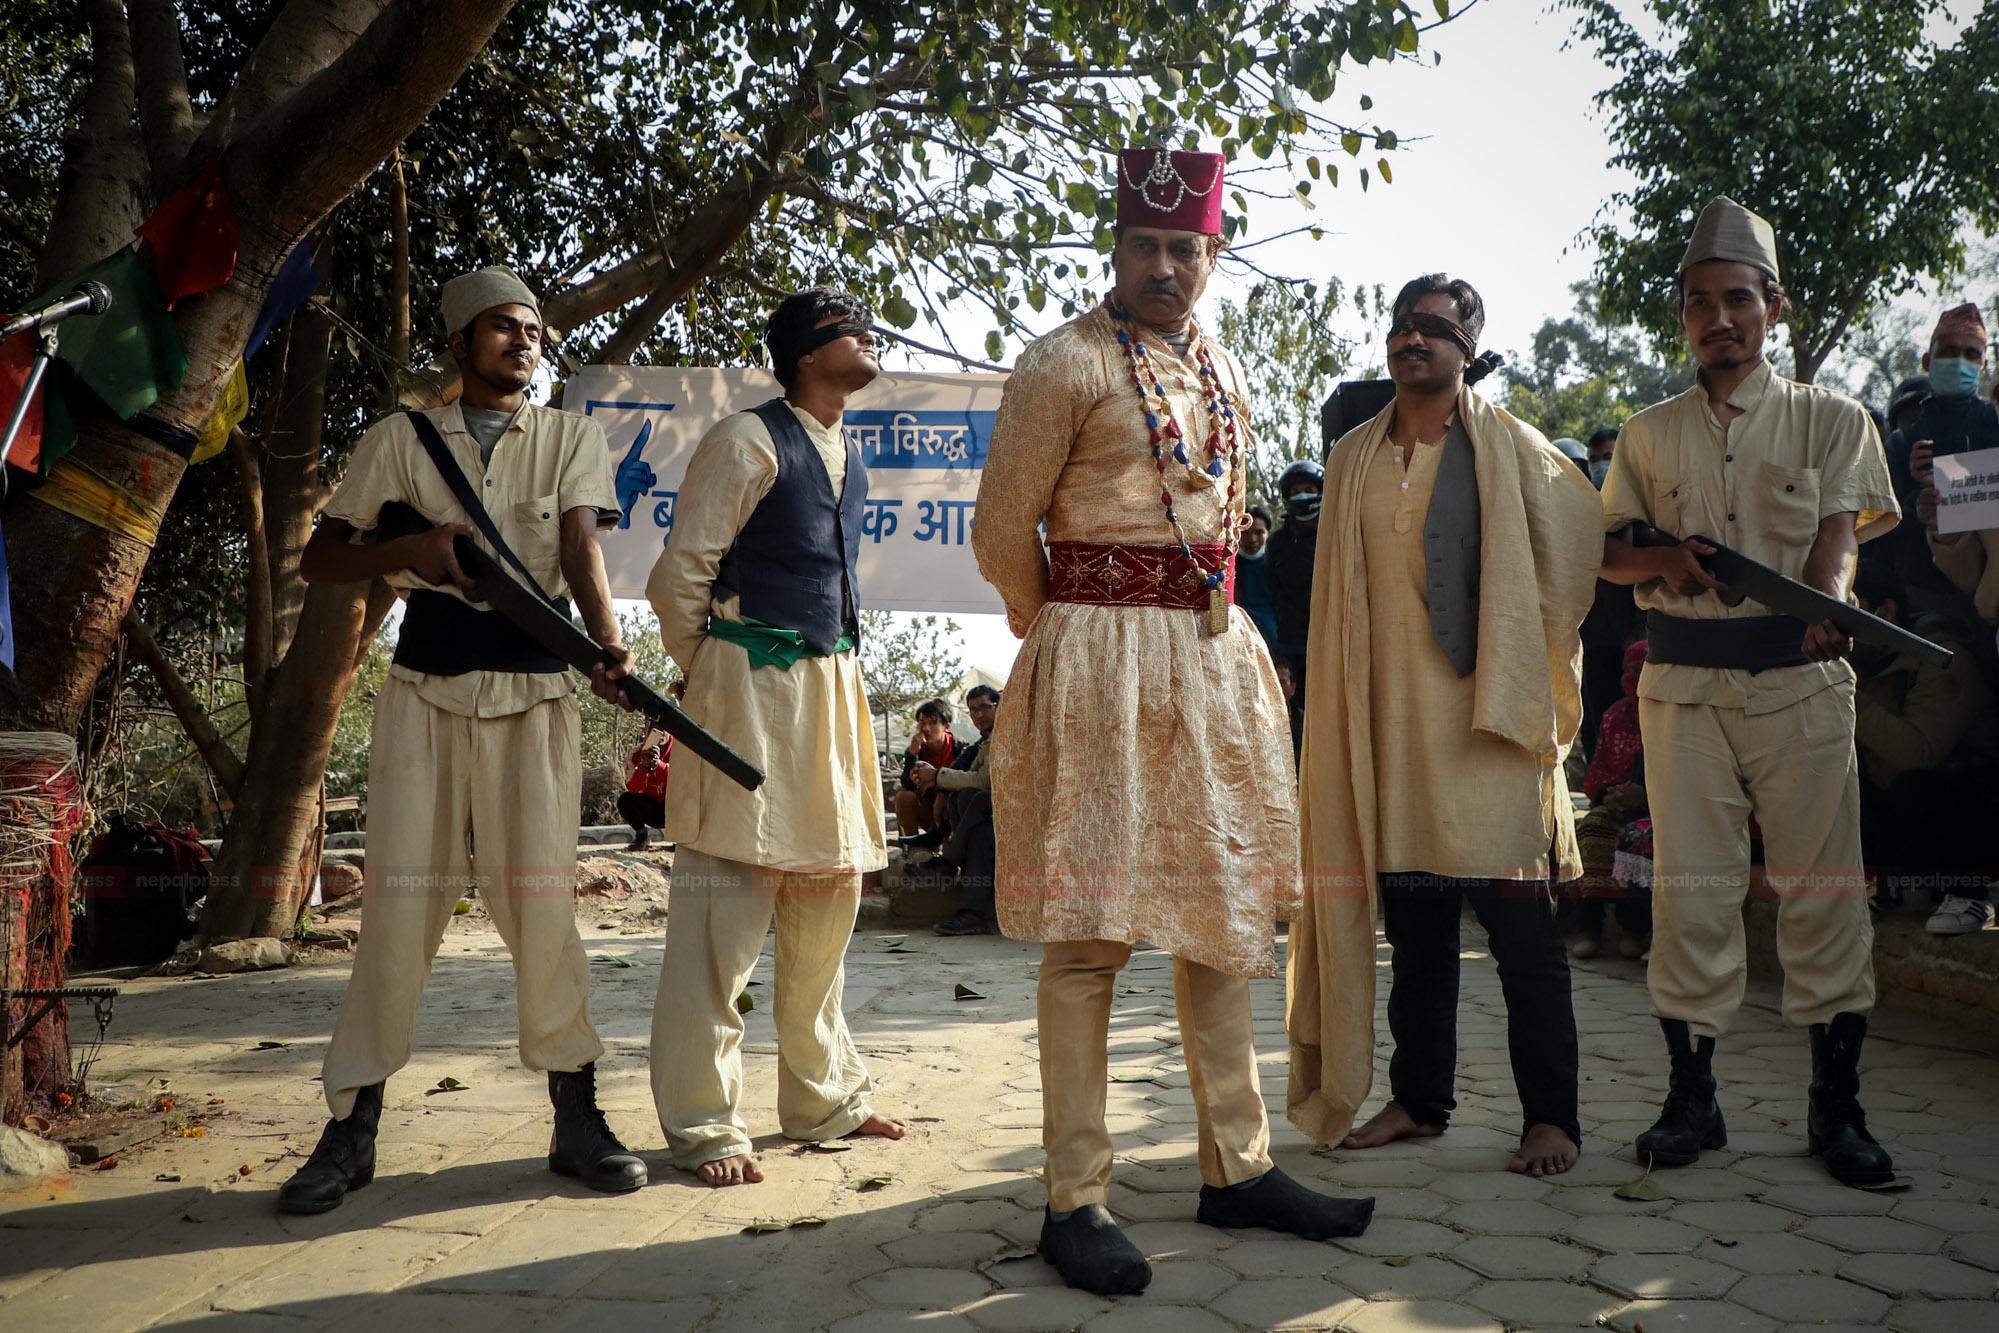 शहीद गंगालाल र दशरथलाई सम्झँदै शोभाभगवतीमा नागरिक समाजको प्रदर्शन